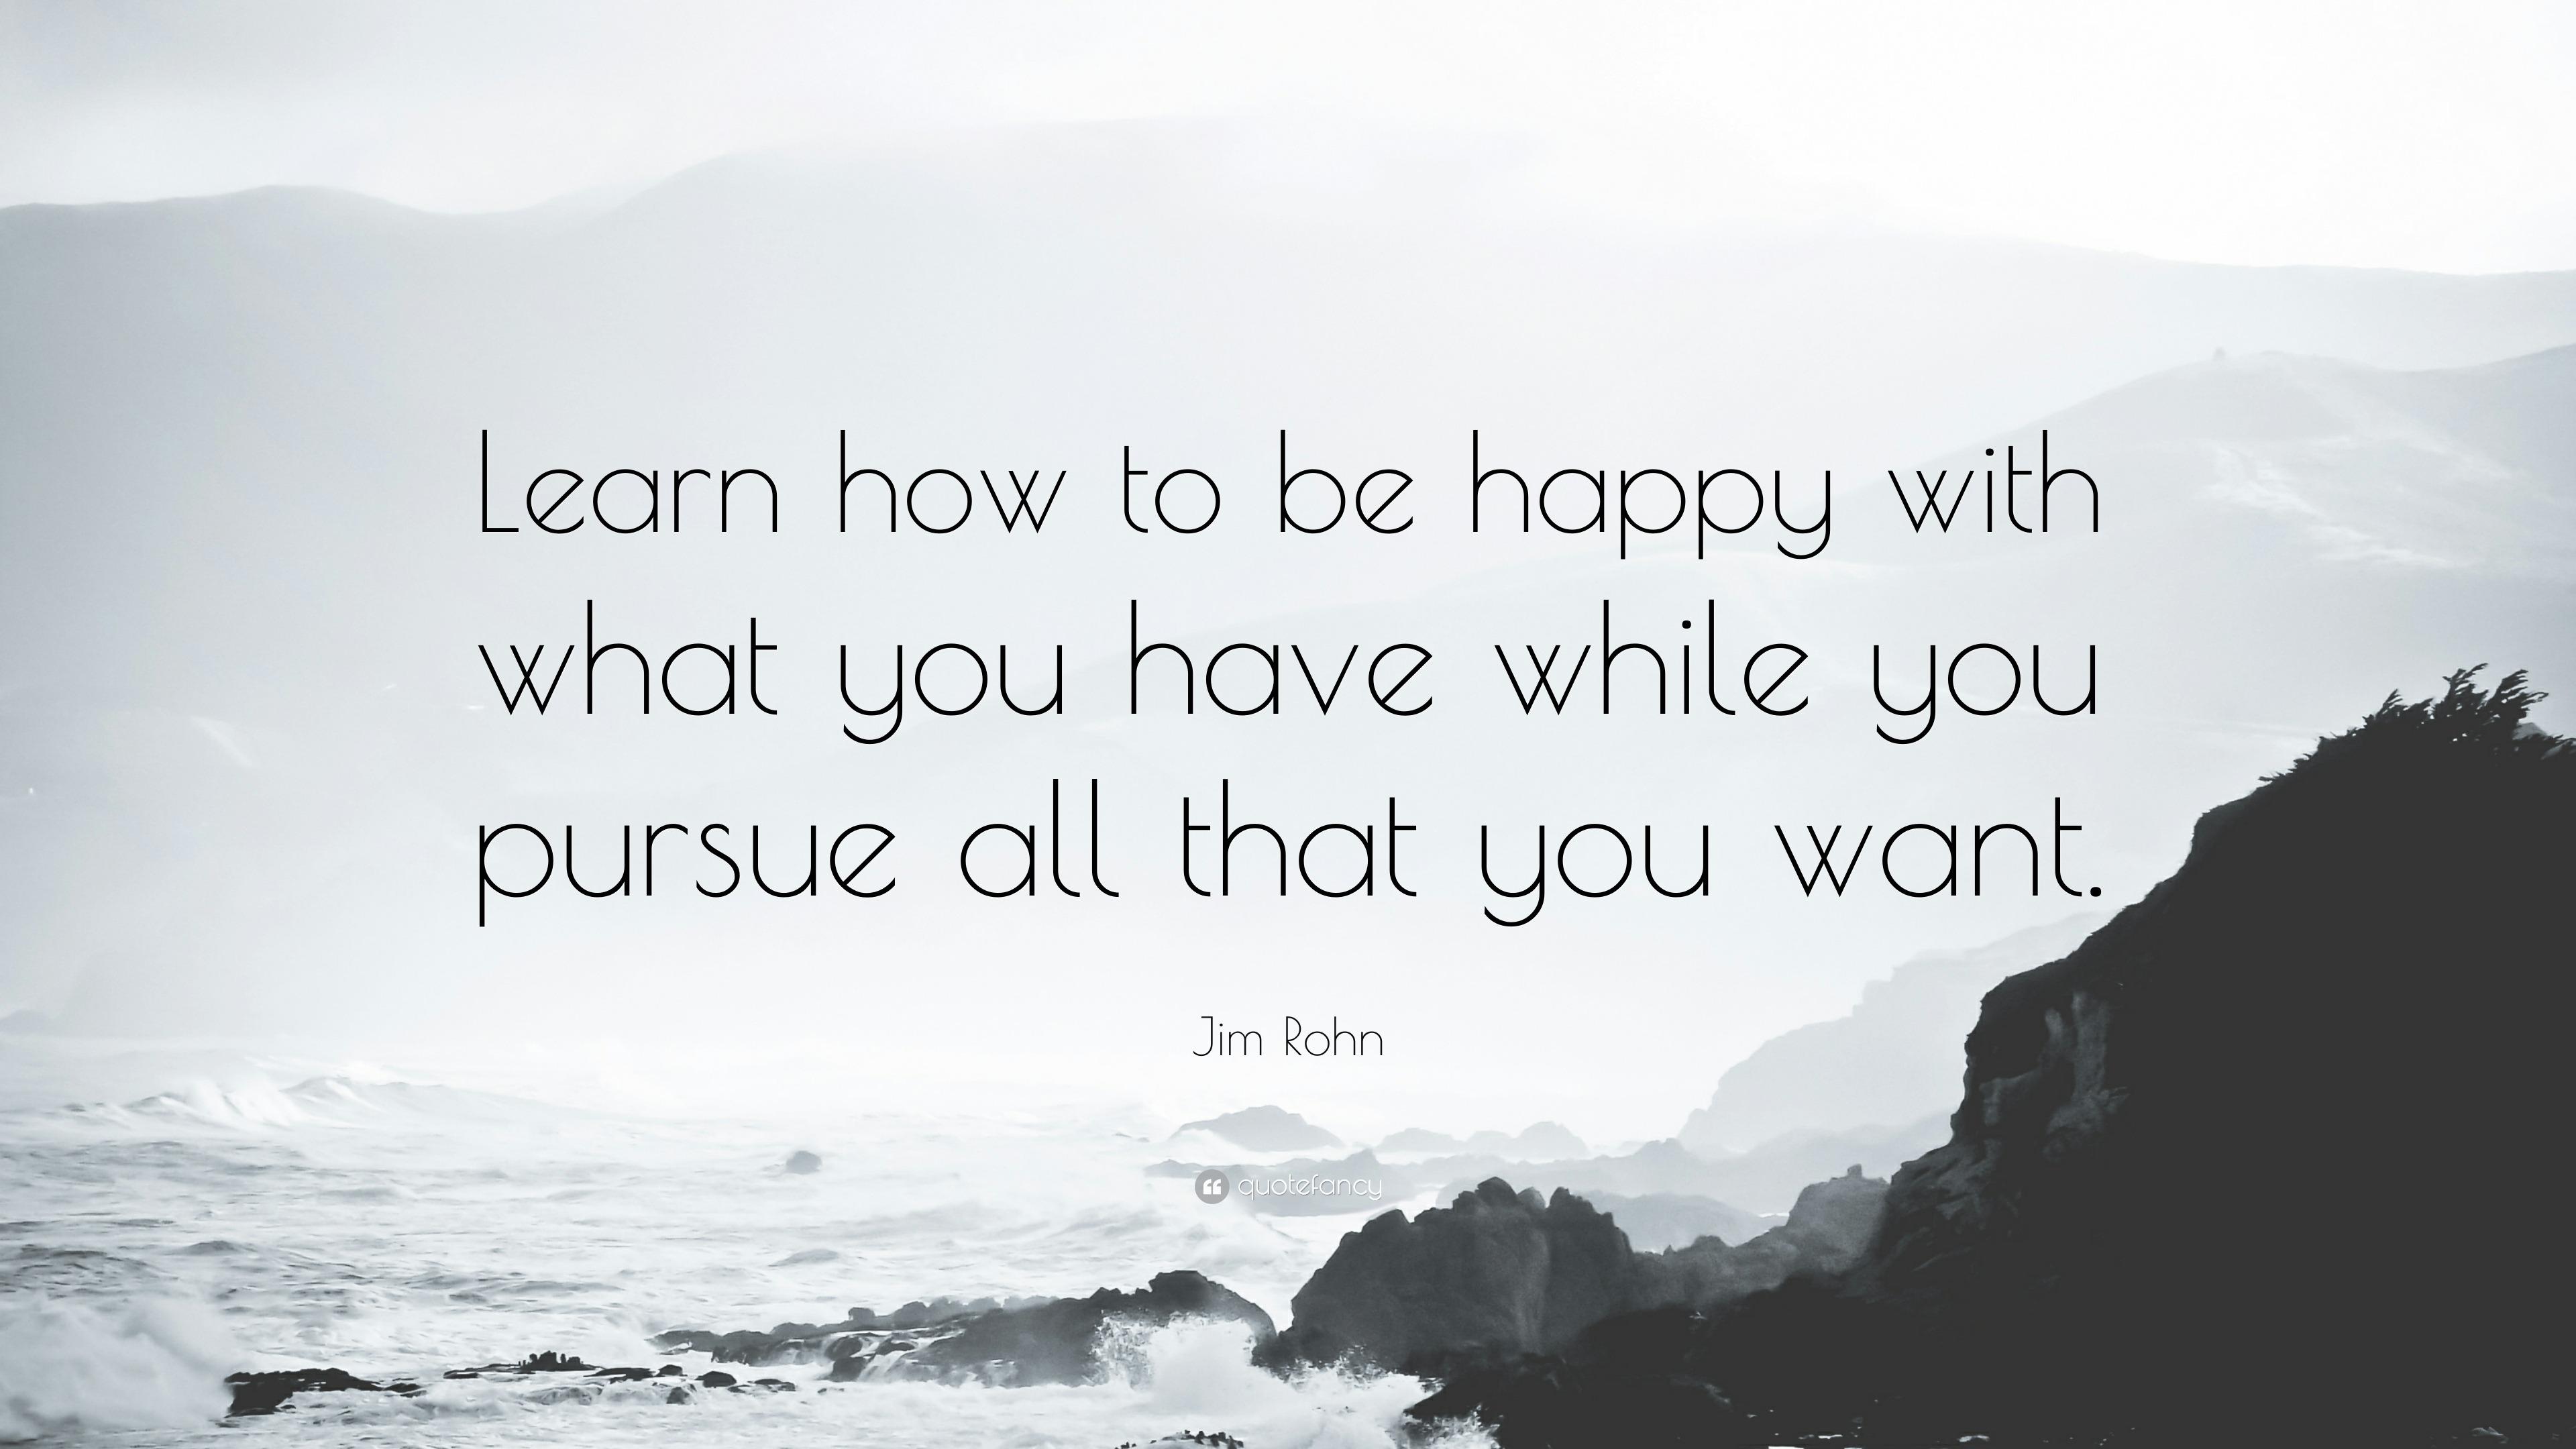 After a While You Learn After a While You Learn the Subtle ...